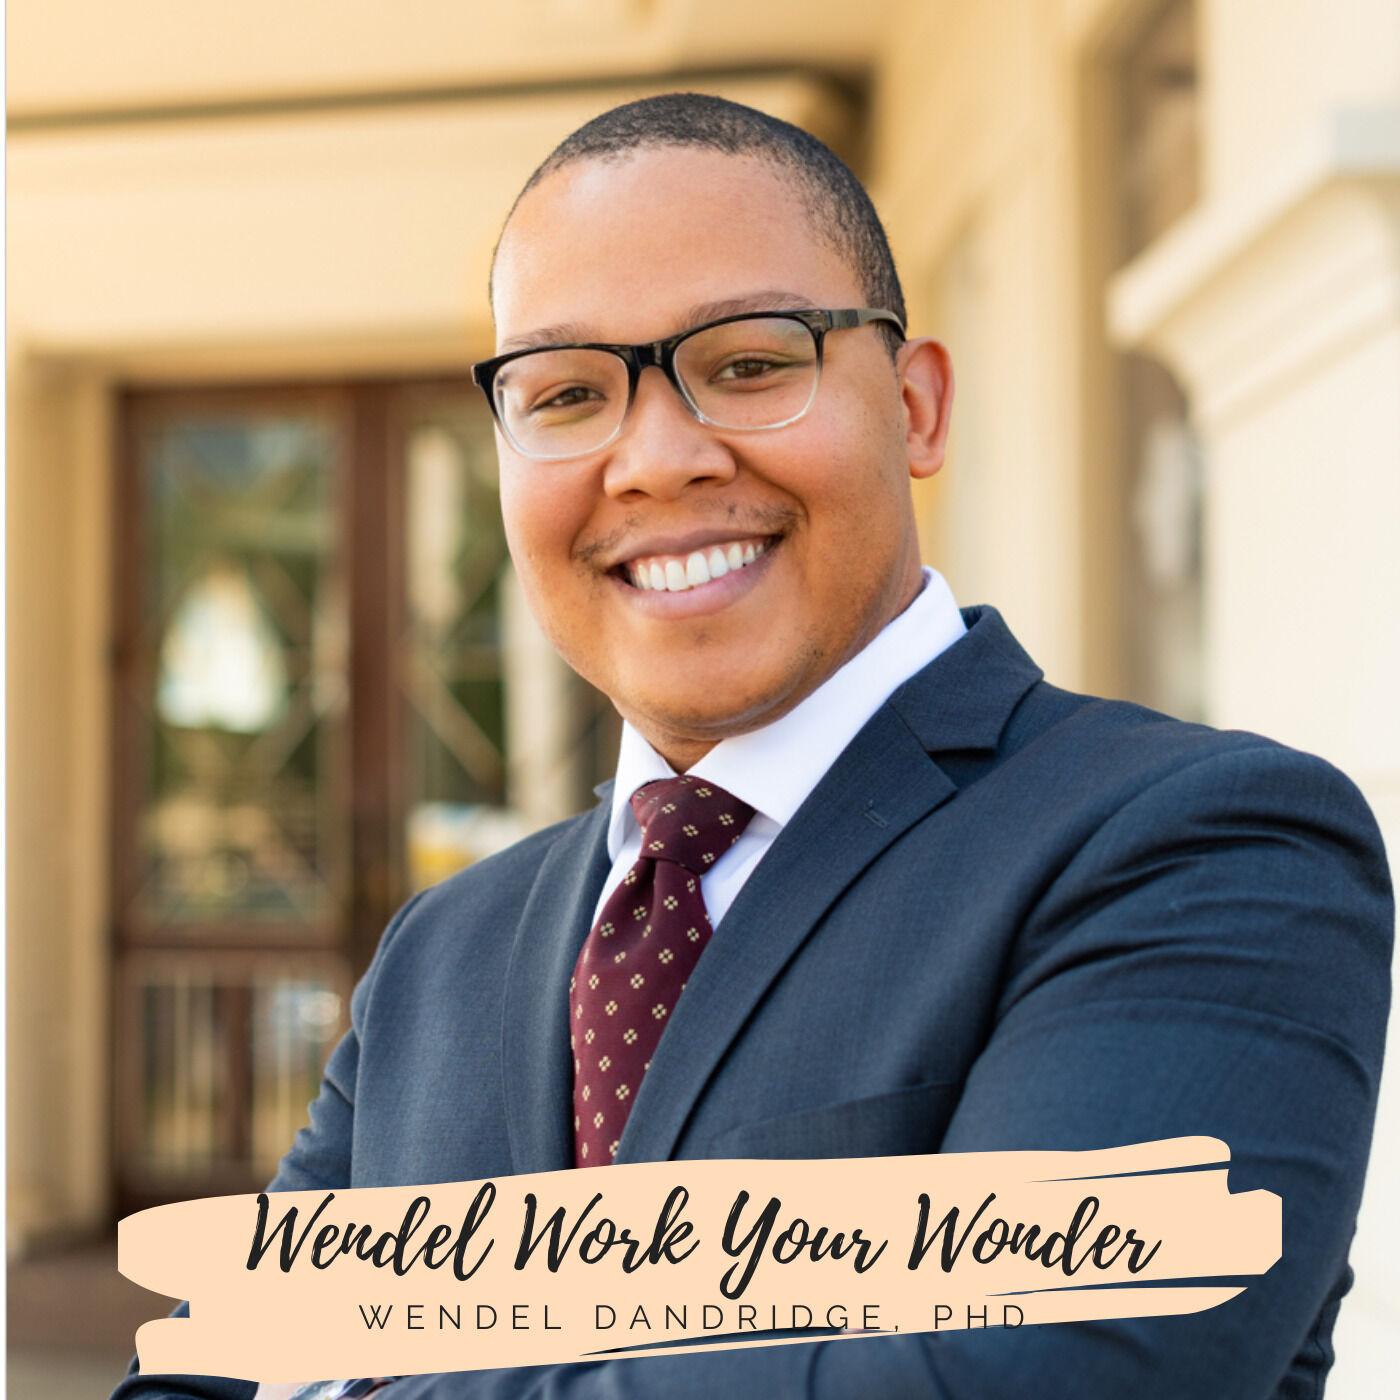 Wendel Work Your Wonder